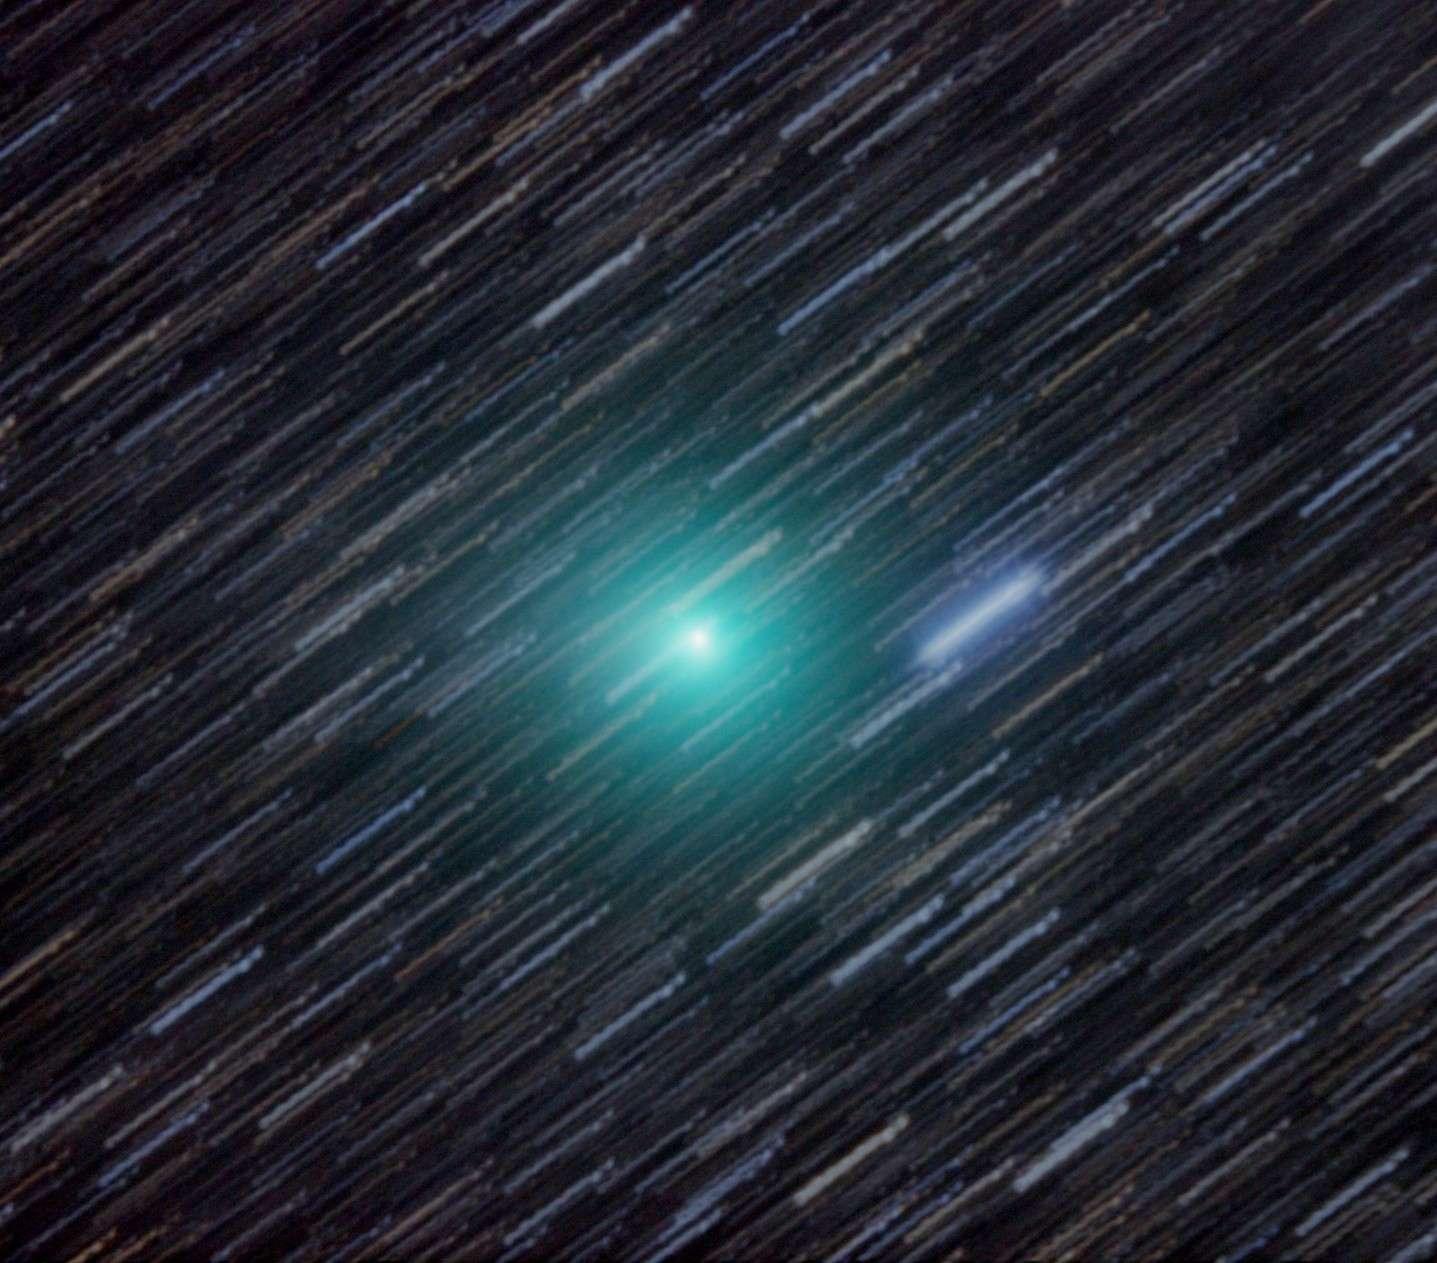 La comète Lemmon photographiée le 23 janvier dernier avec un télescope de 41 cm de diamètre installé en Nouvelle-Zélande. La couleur verte de la comète est produite par la fluorescence du cyanogène (C2N2) et du carbone diatomique (C2). Le télescope a suivi le déplacement de la comète (alors de magnitude 7) pendant les 20 minutes de pose, ce qui explique pourquoi les étoiles ont laissé des traits. © John Drummond